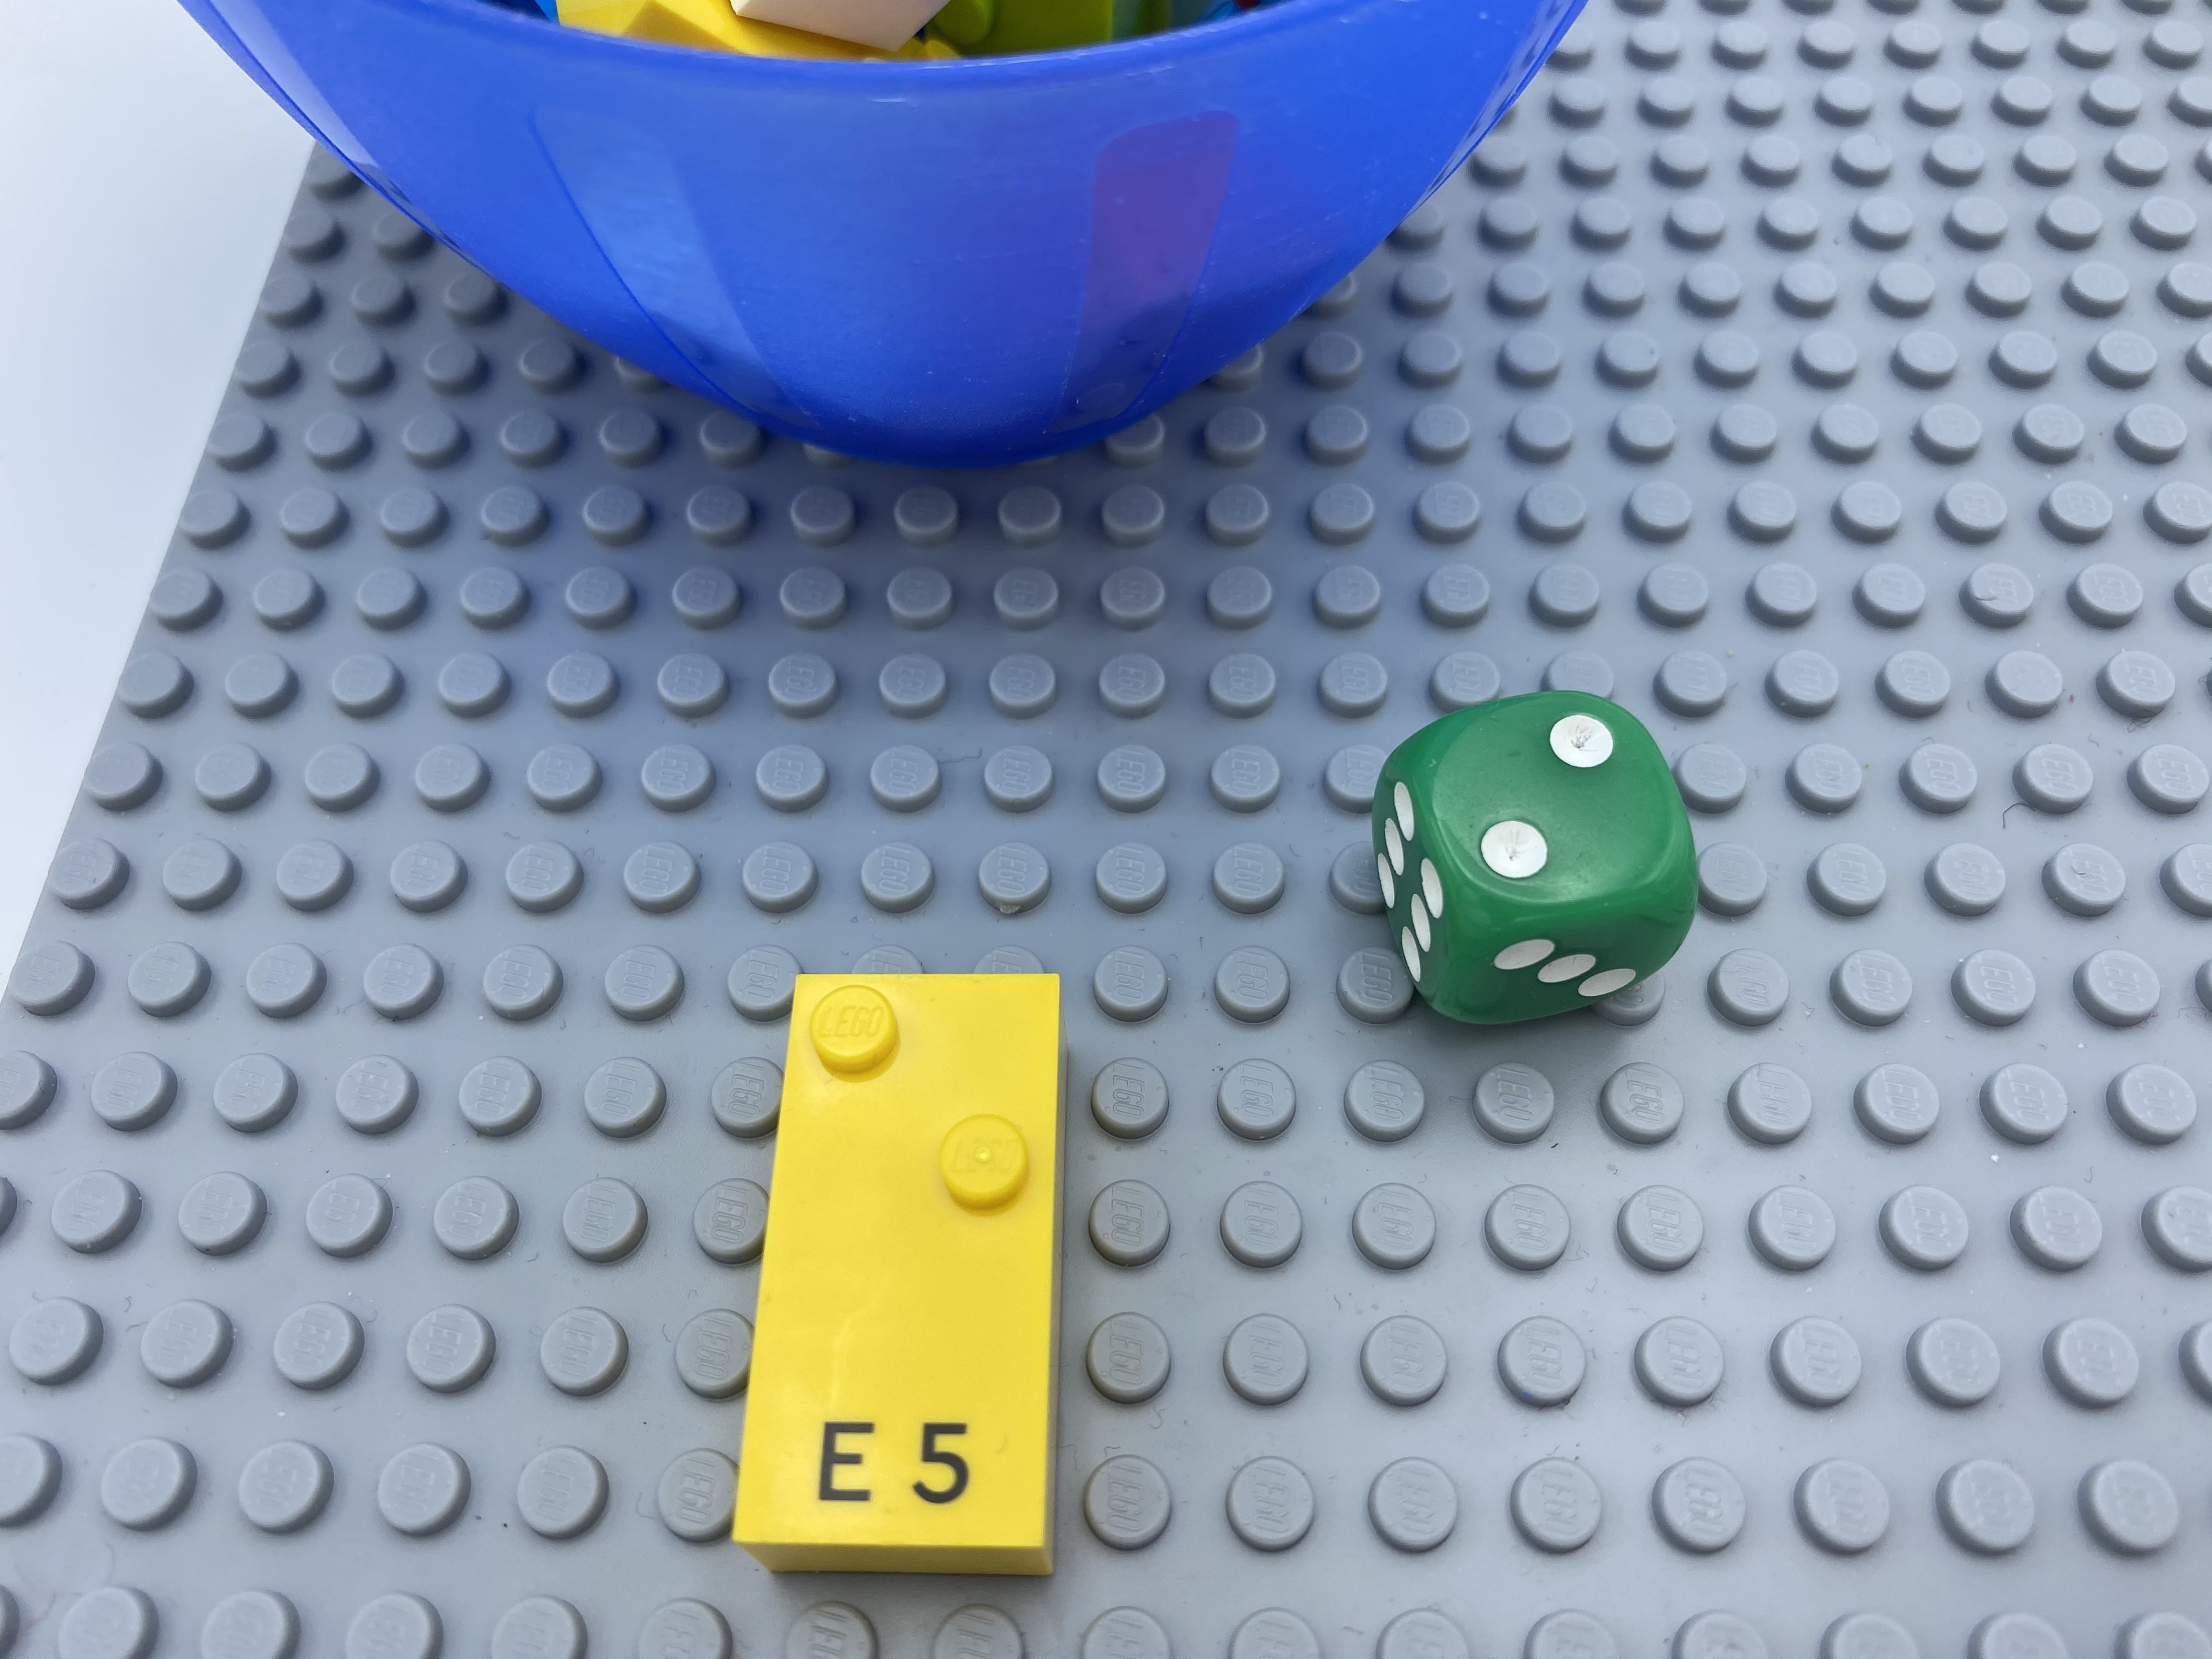 die roll = 2, letter brick e.